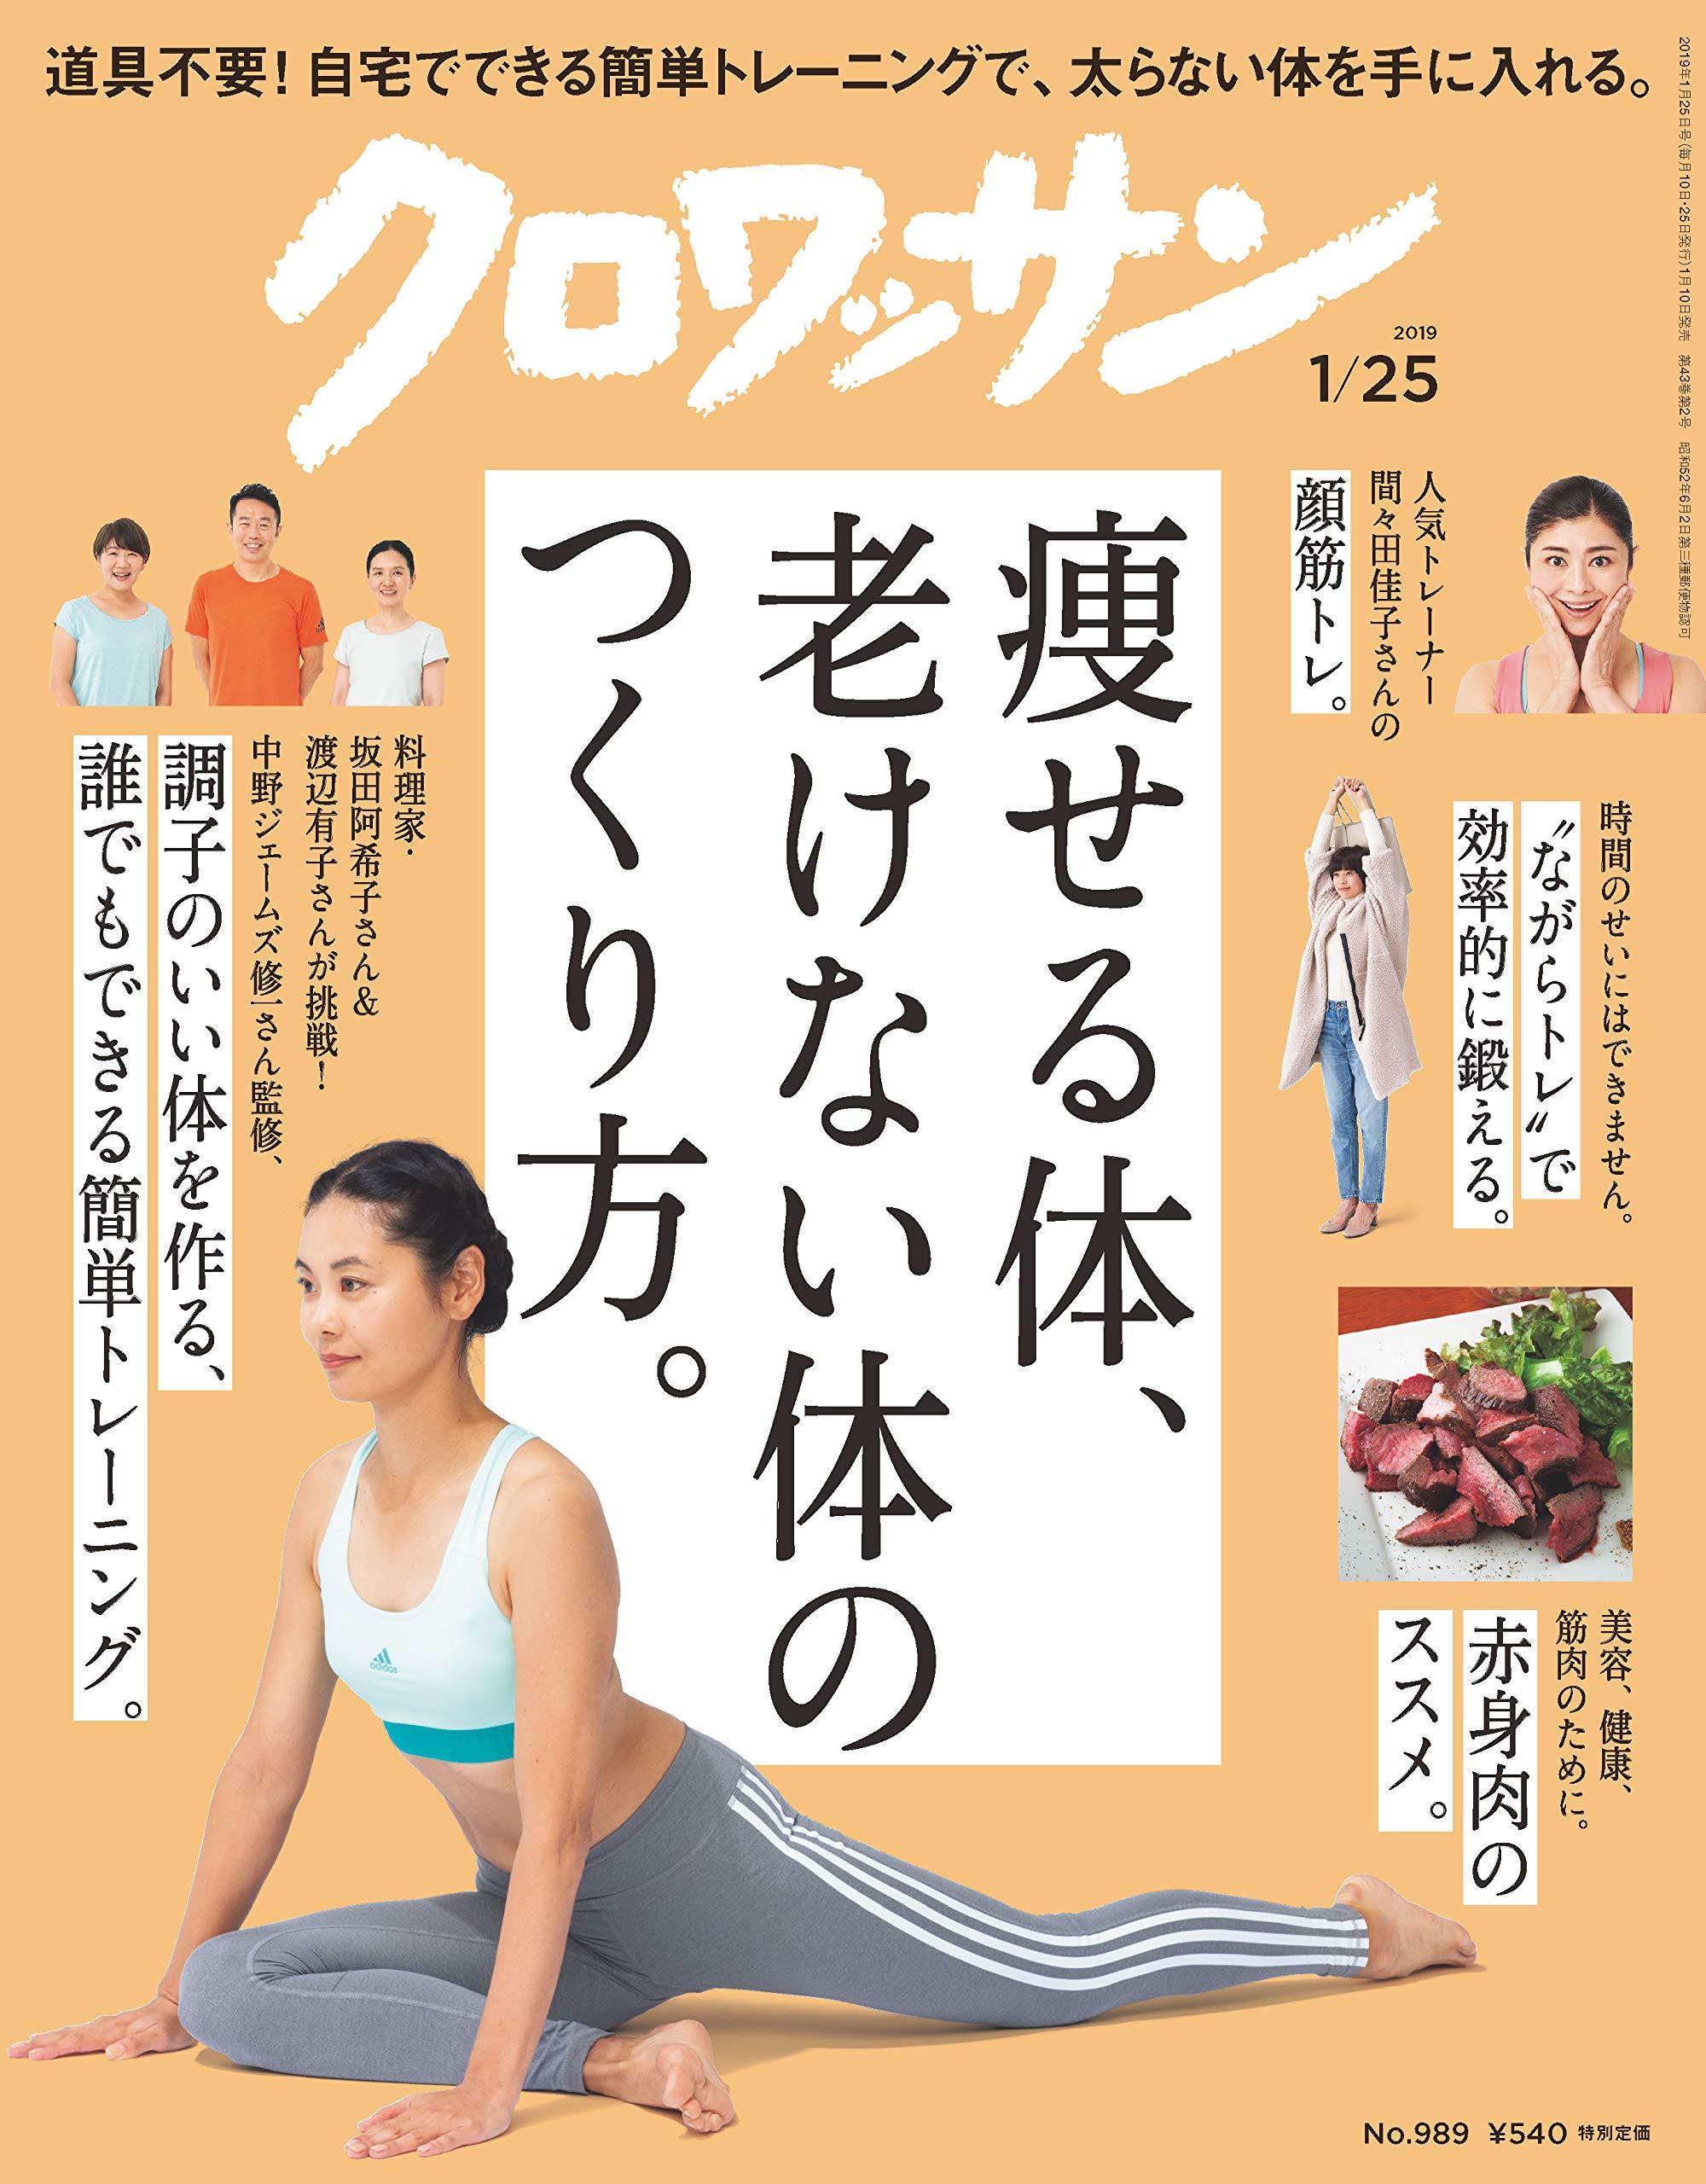 クロワッサン最新号 特集は「痩せる体、老けない体のつくり方」